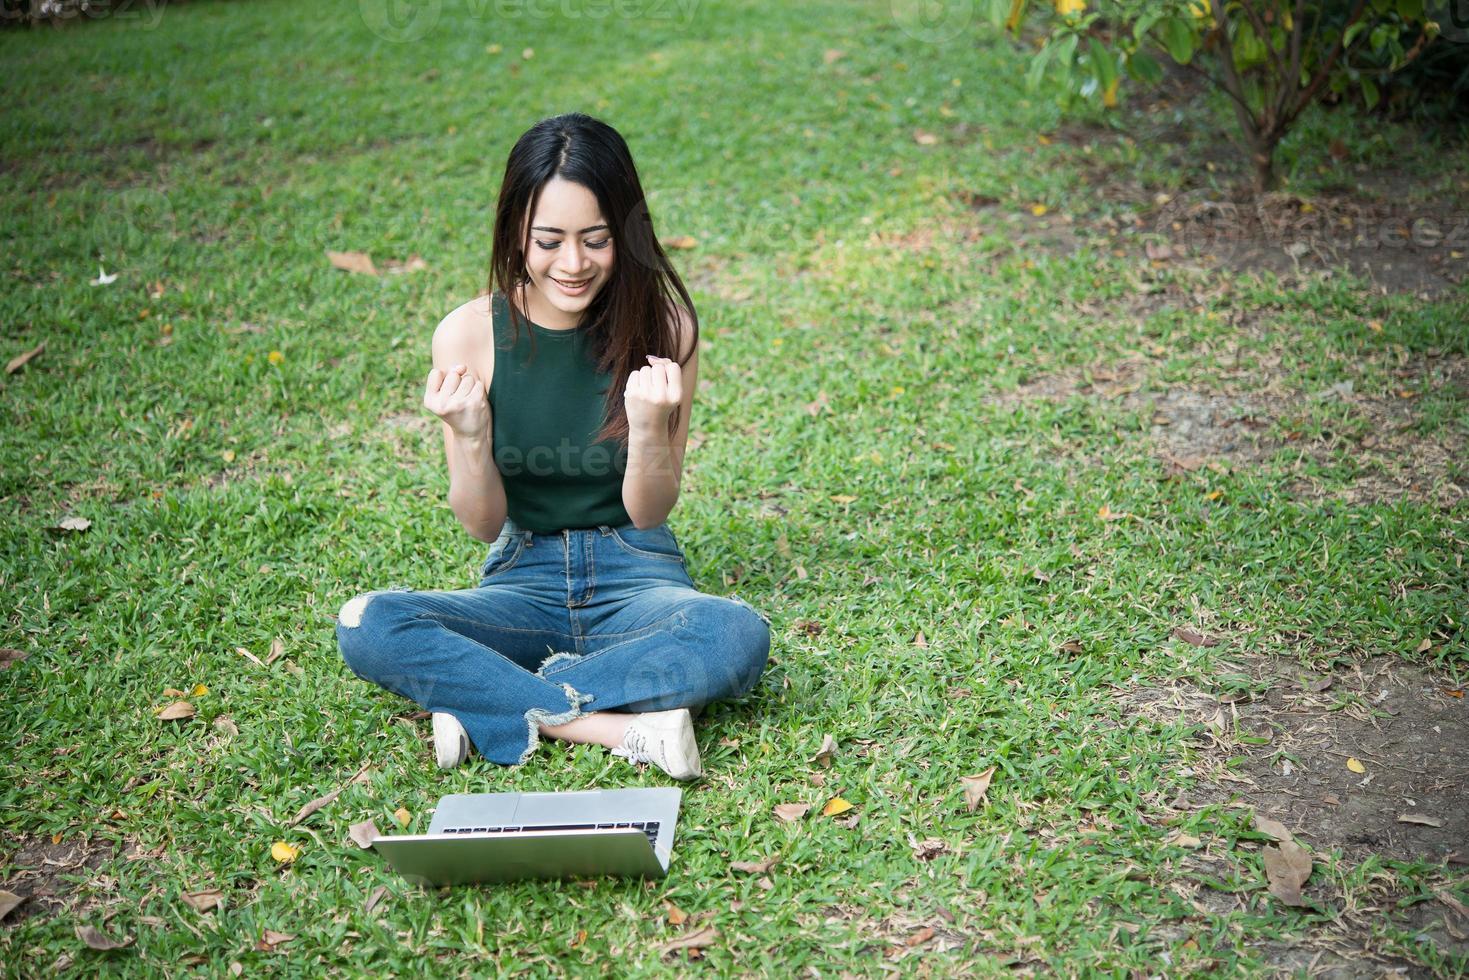 jonge mooie vrouw zittend op het groene gras en met behulp van laptop in het park foto